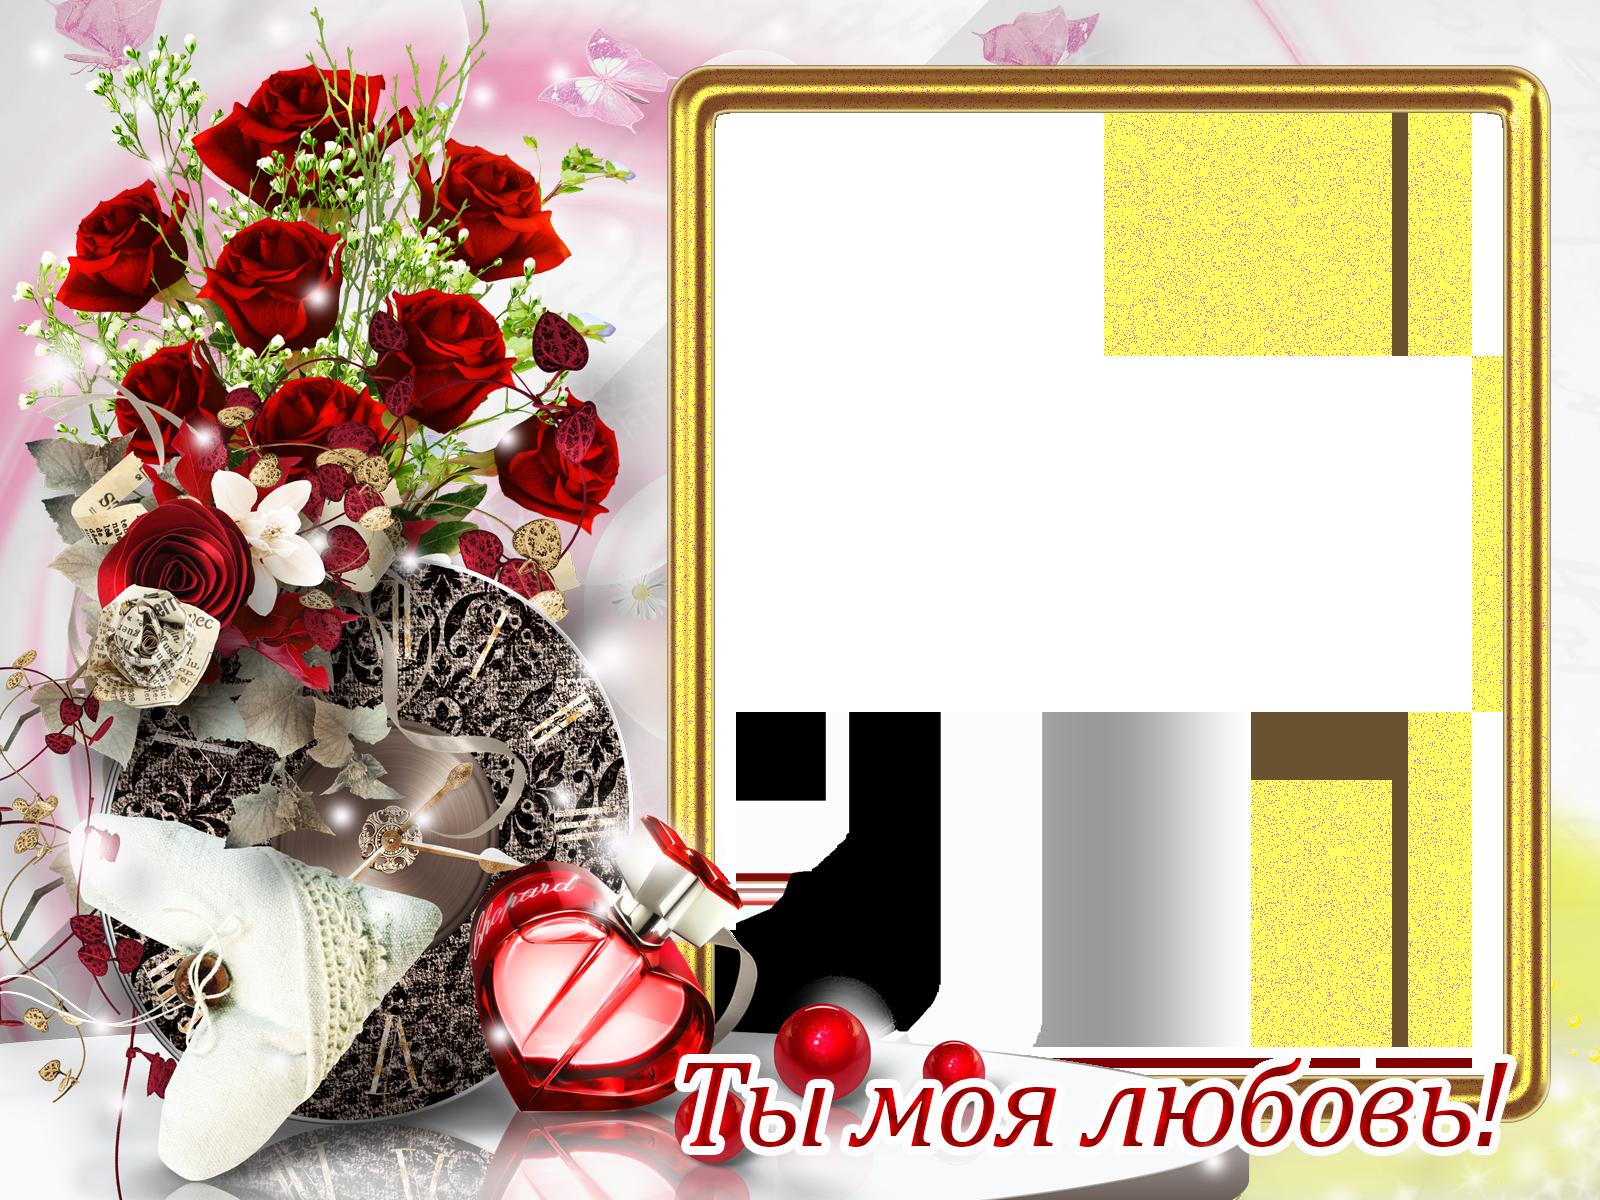 Фоторамка Ты моя любовь! Фоторамка для фотошопа, PNG шаблон. Золотая фоторамка, открытка с признанием в любви. Букет красных роз. Флакон духов в форме сердца. Фоторамка для любимого, возлюбленной. Открытка для влюбленных.